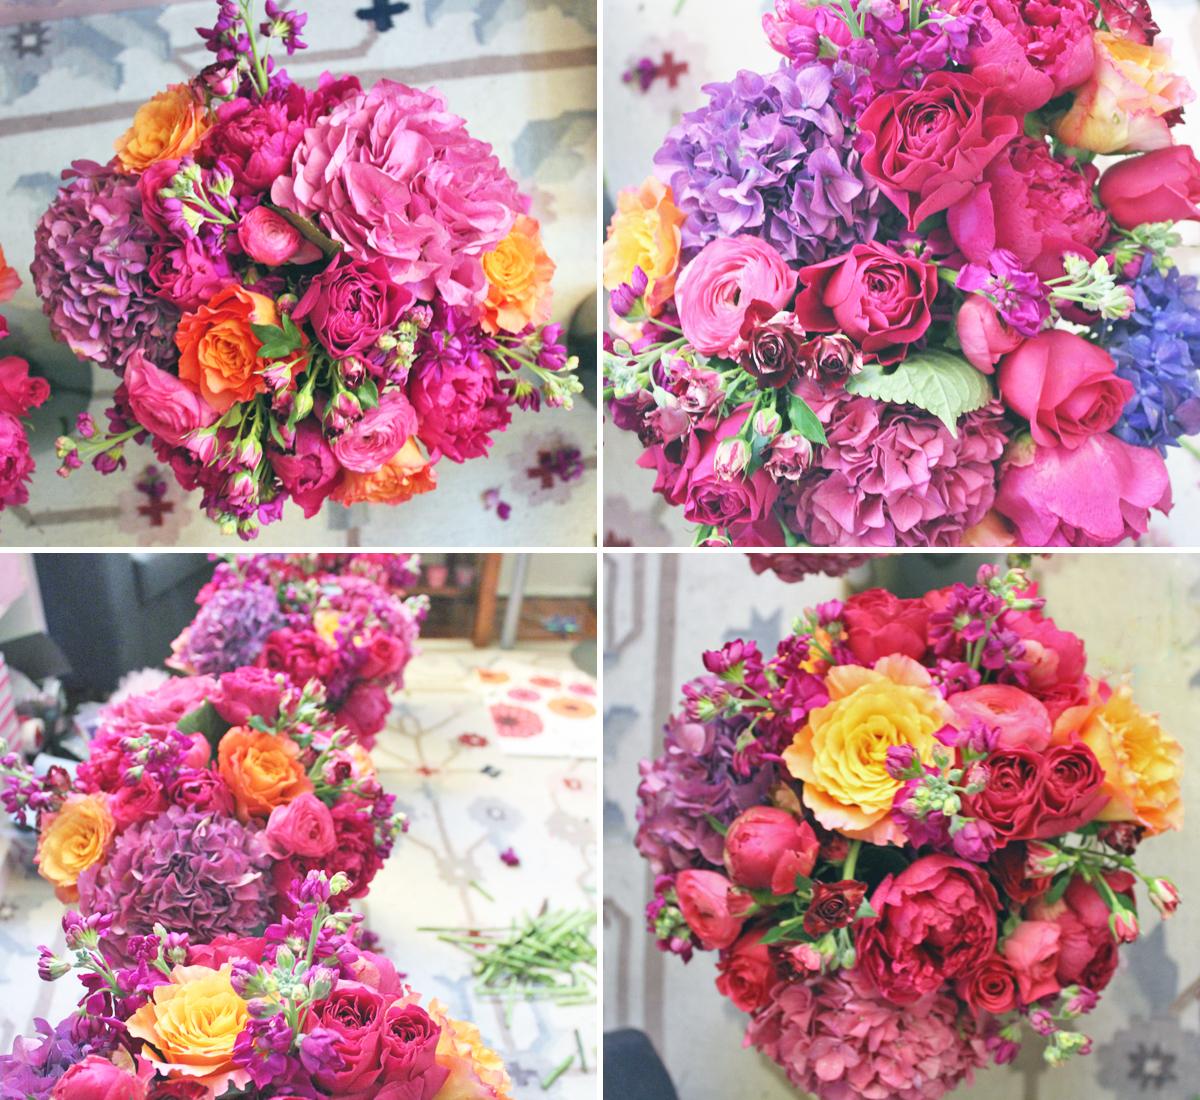 jewel-tone-flowers-10